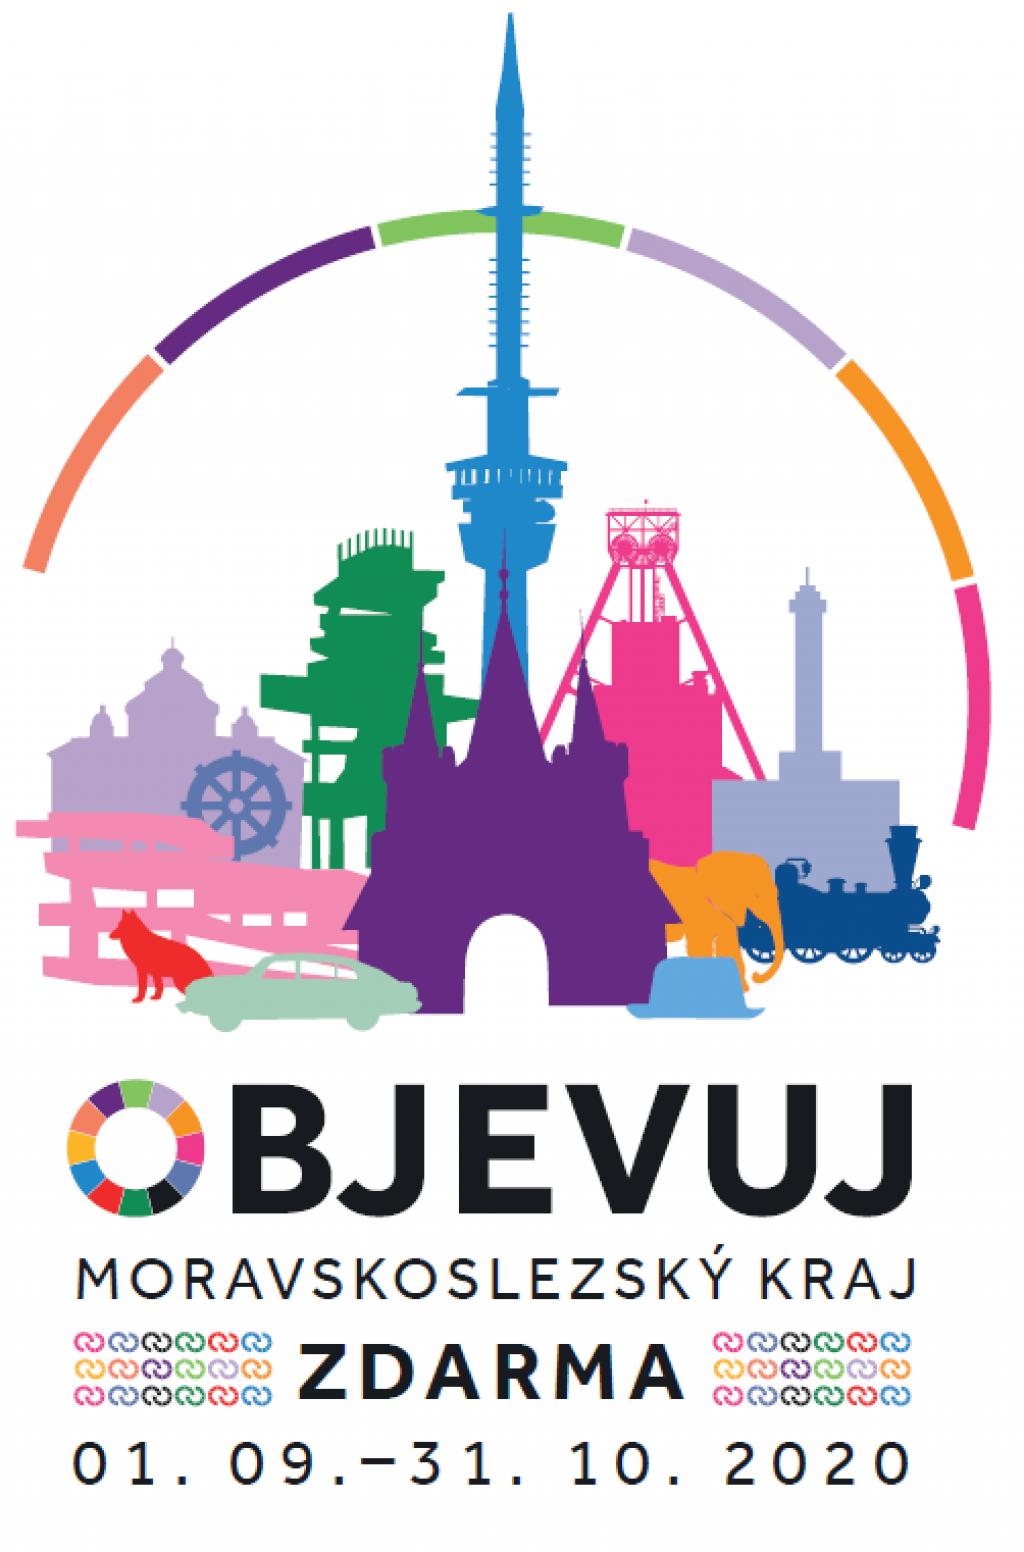 Objevuj Moravskoslezský kraj zdarma - Výstavní síň Karviná